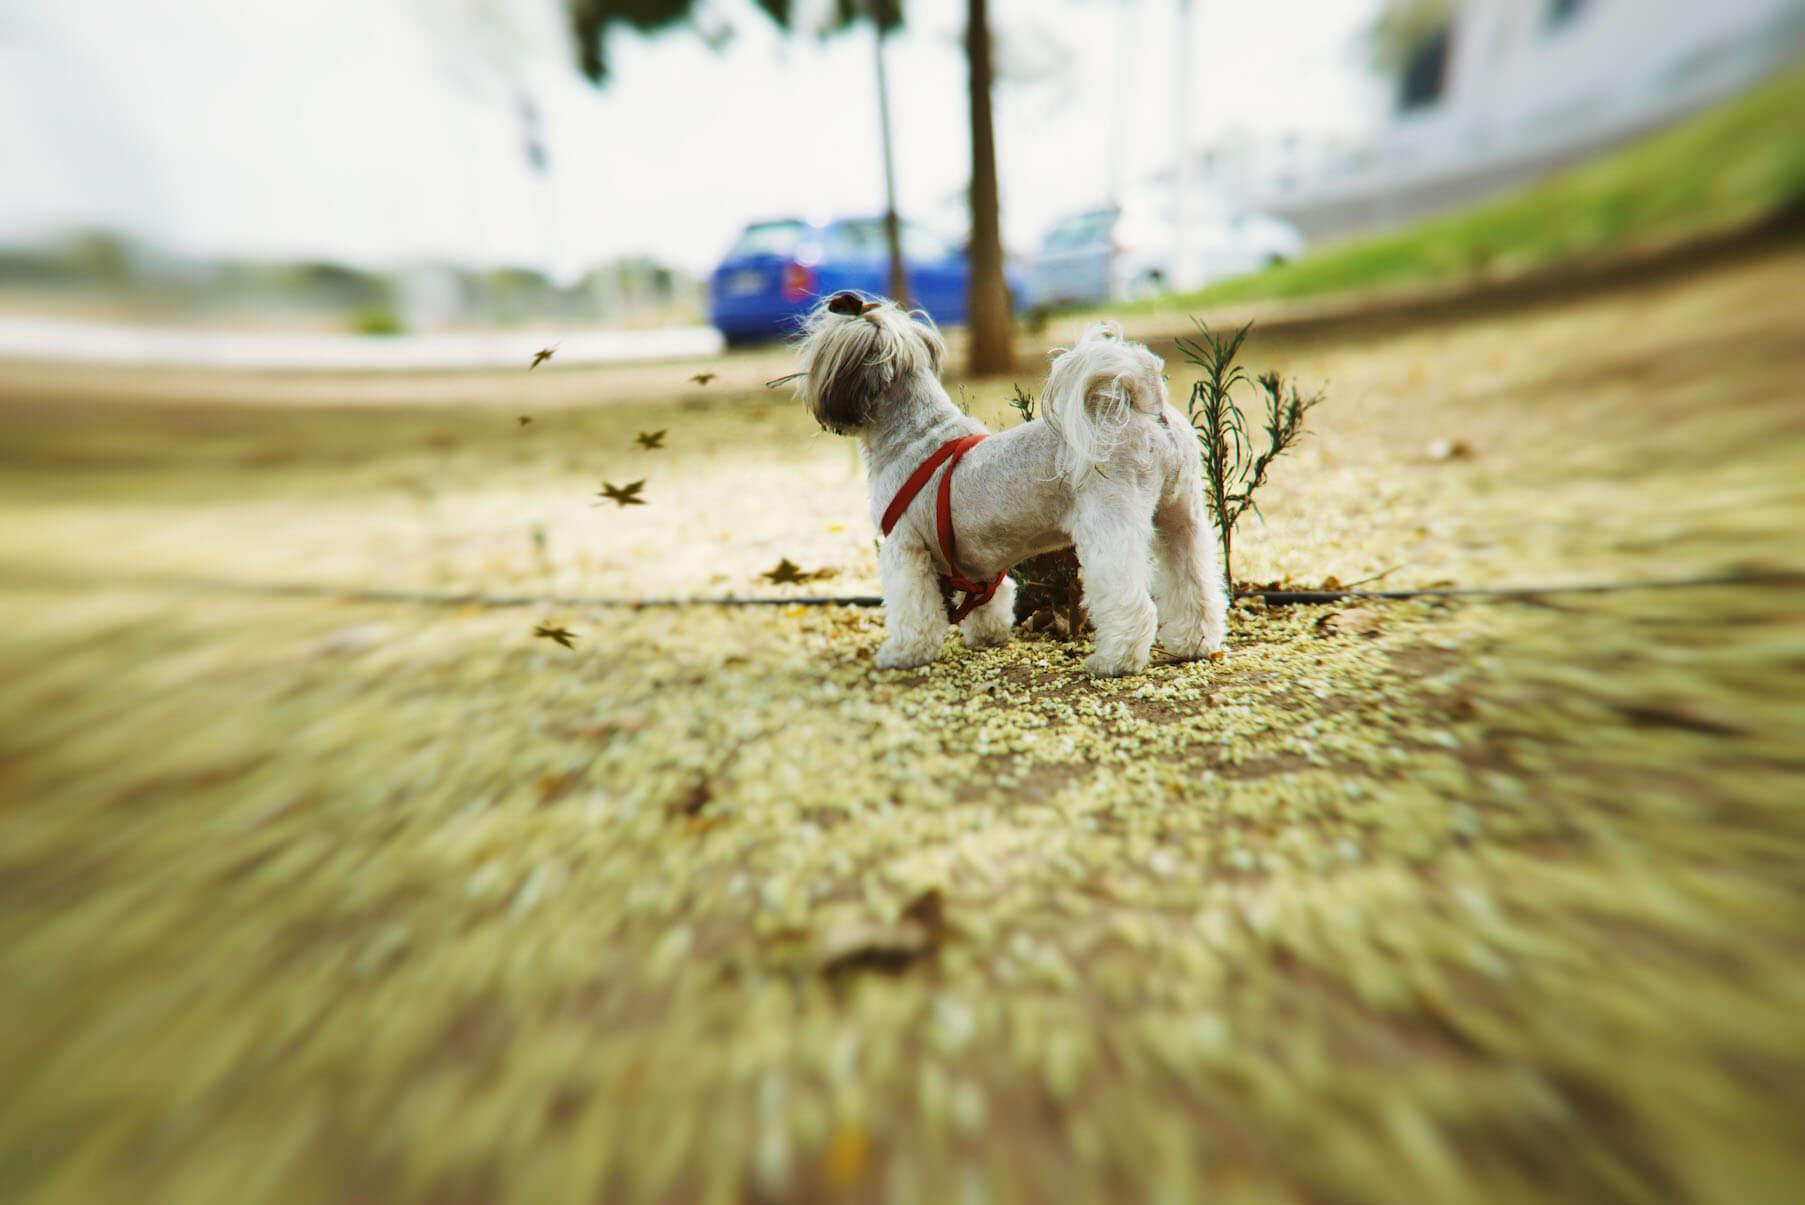 DSC_7753-2 Noticias de perros - Inicio